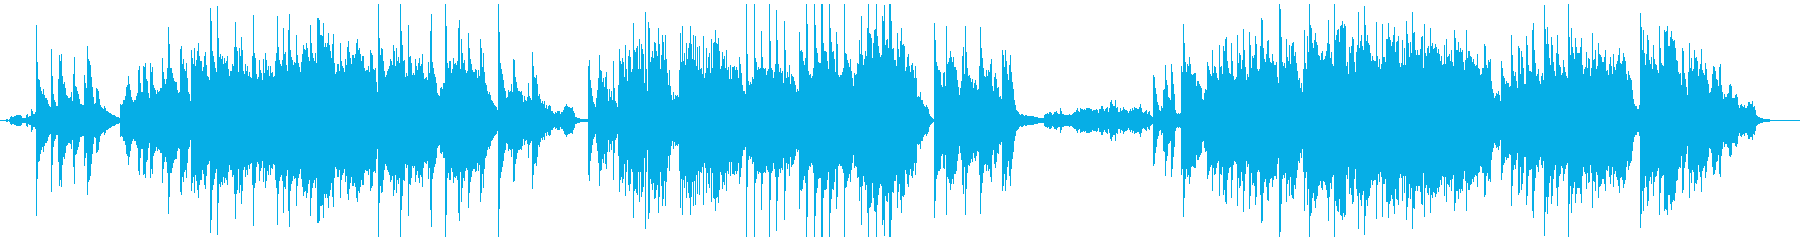 バッハプレリュードのアンサンブルアレンジの再生済みの波形